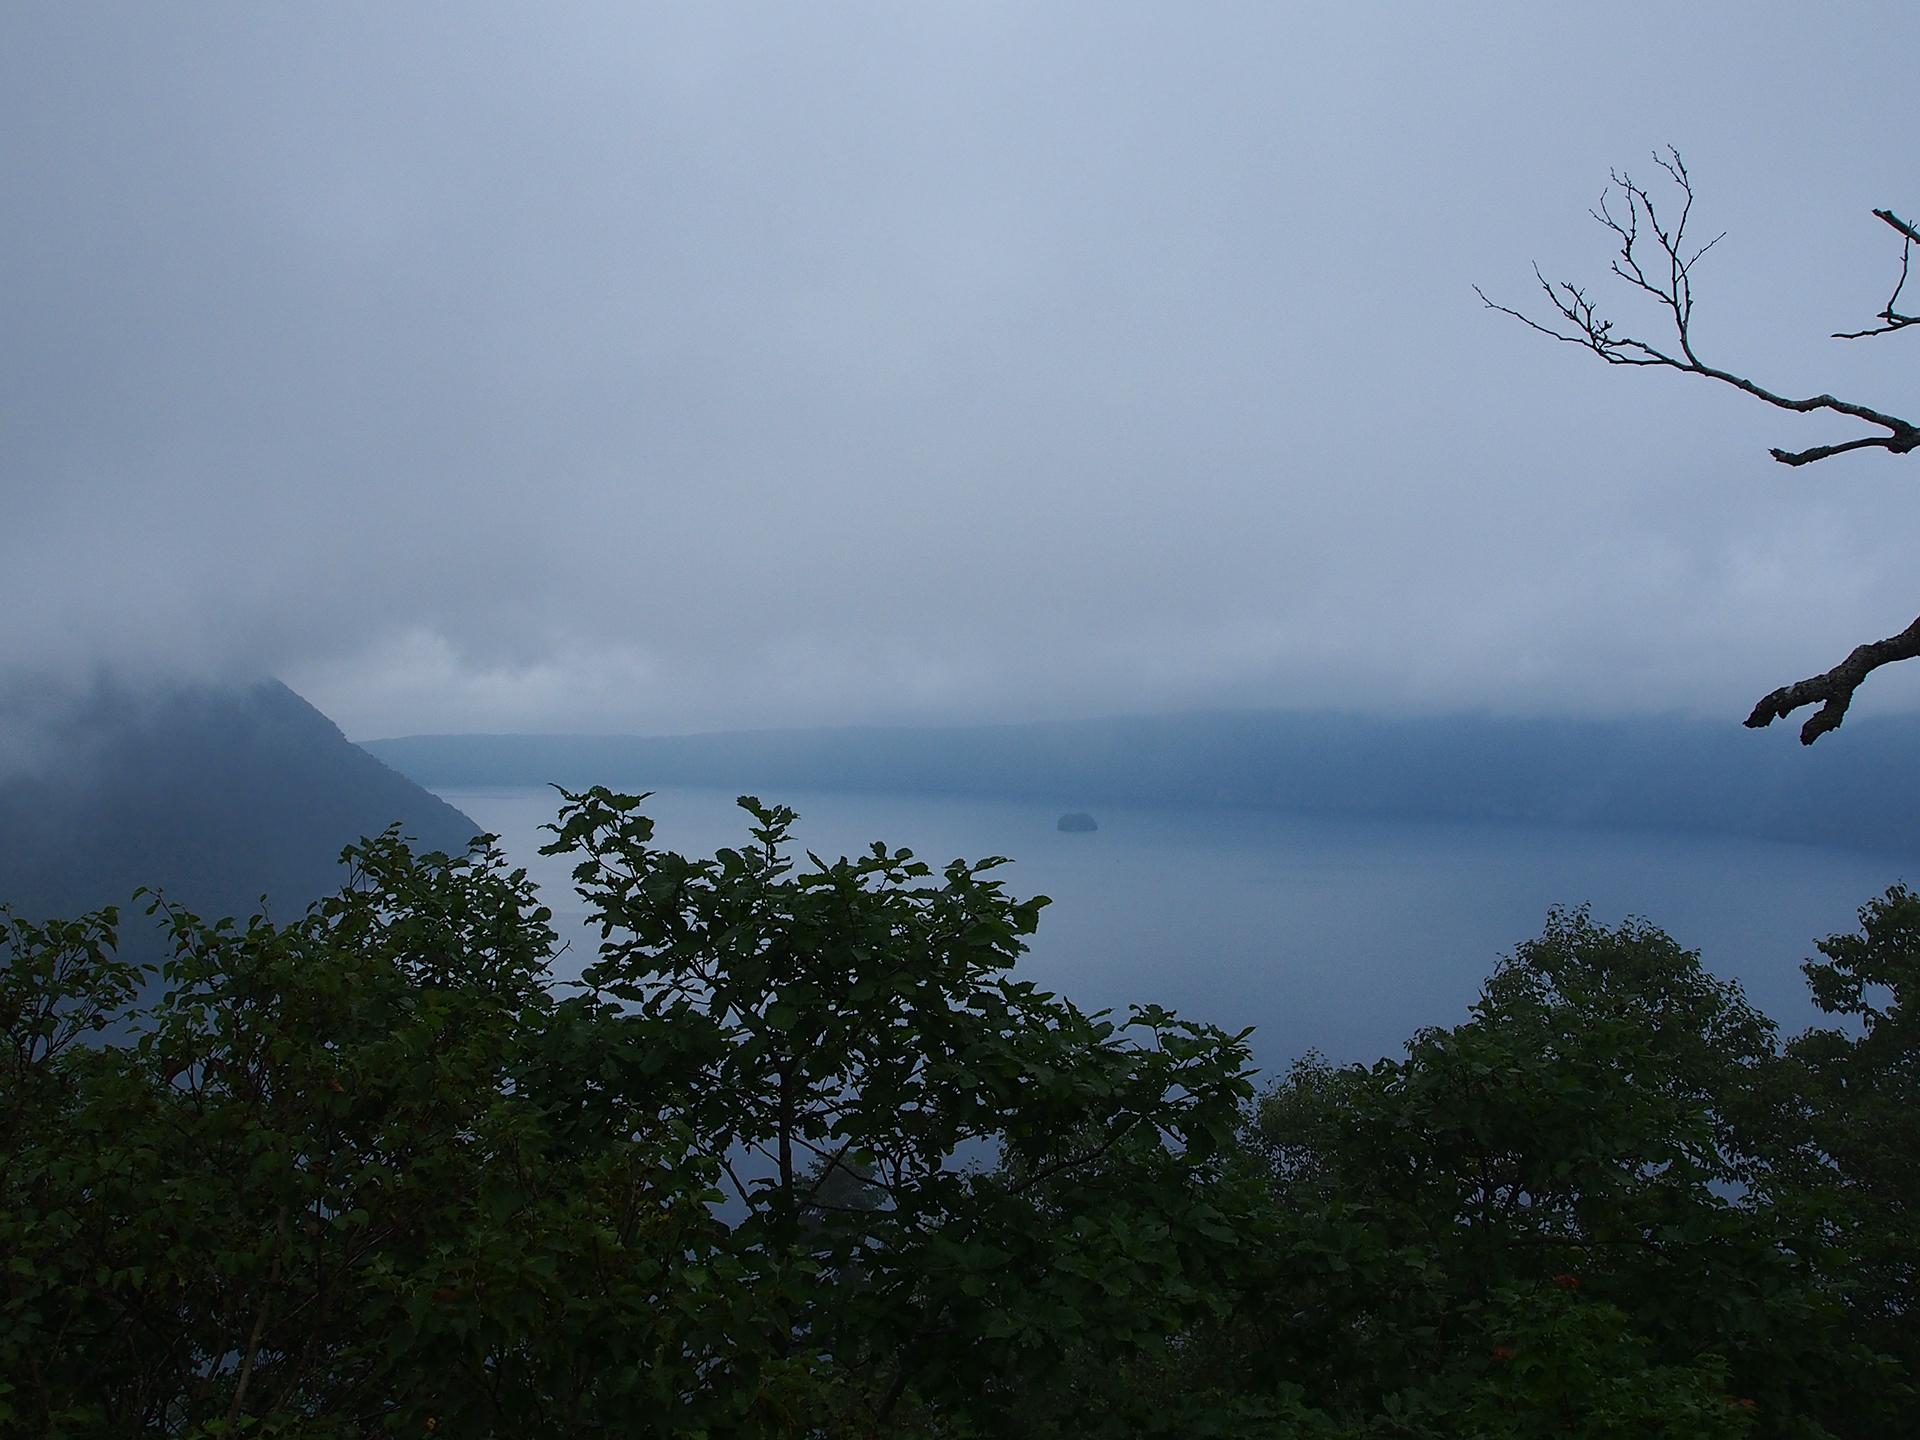 霧が晴れてきた摩周湖